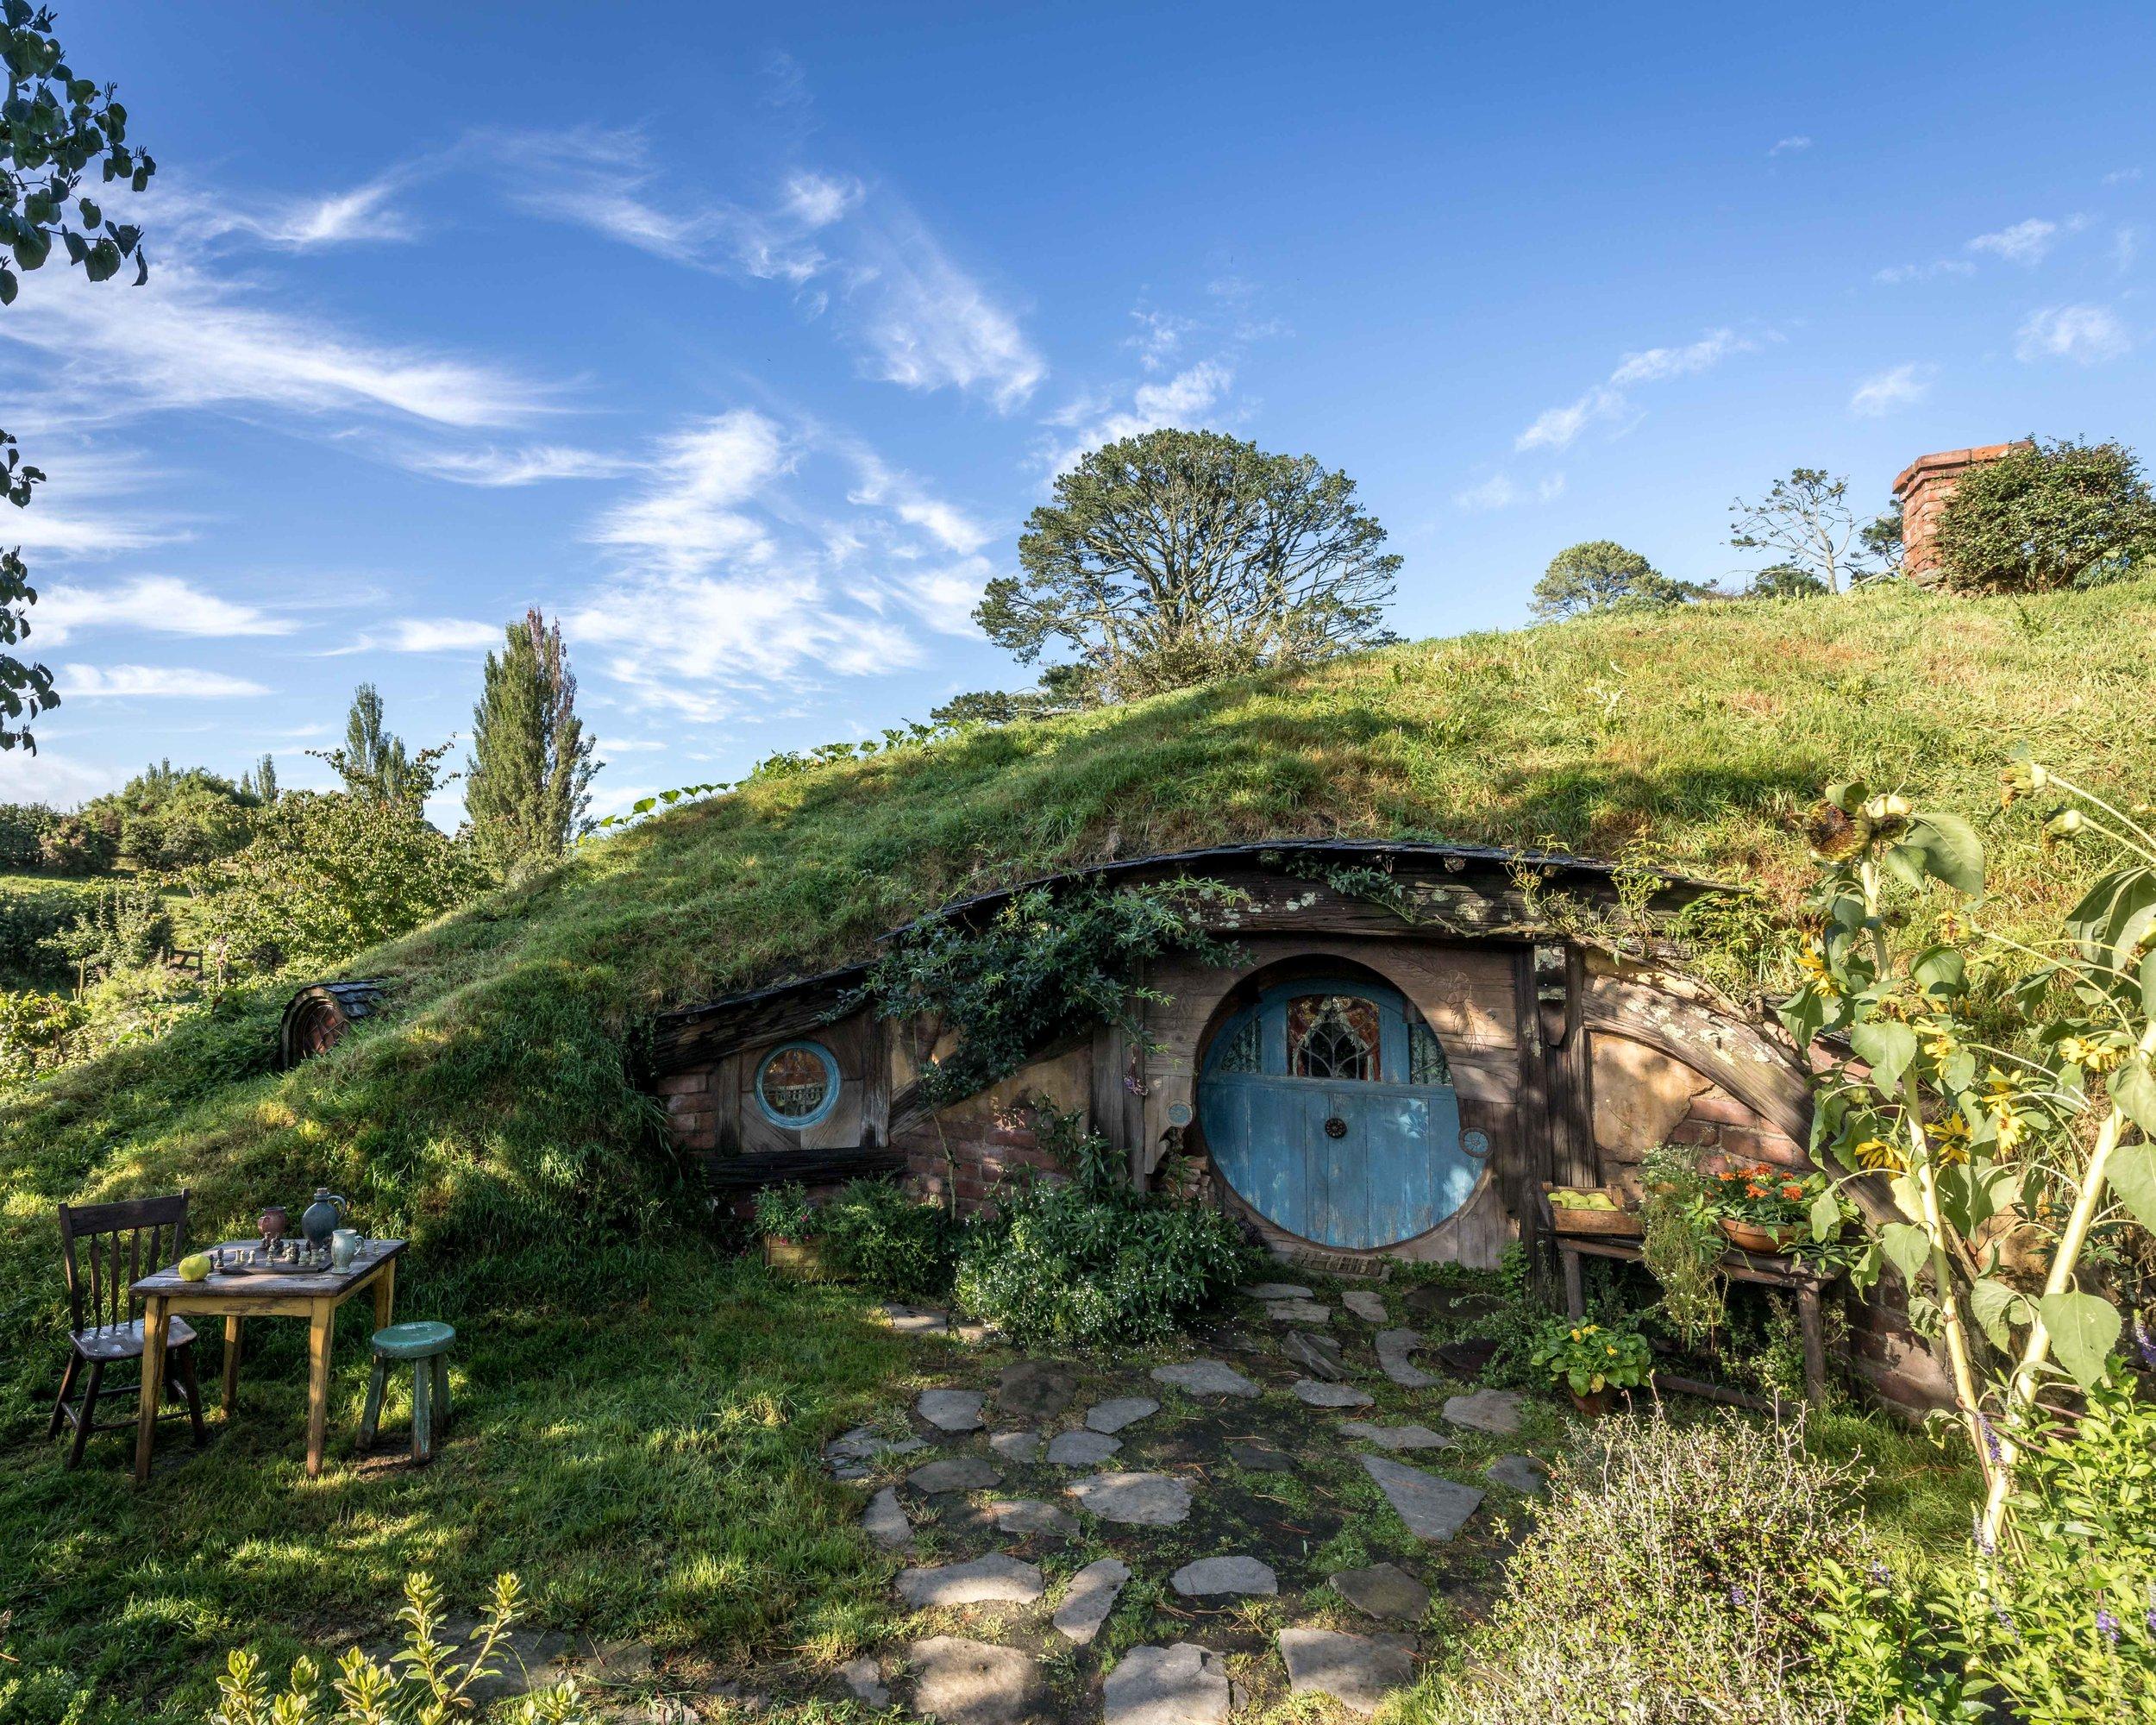 Hobbit Hole in Hobbiton, New Zealand